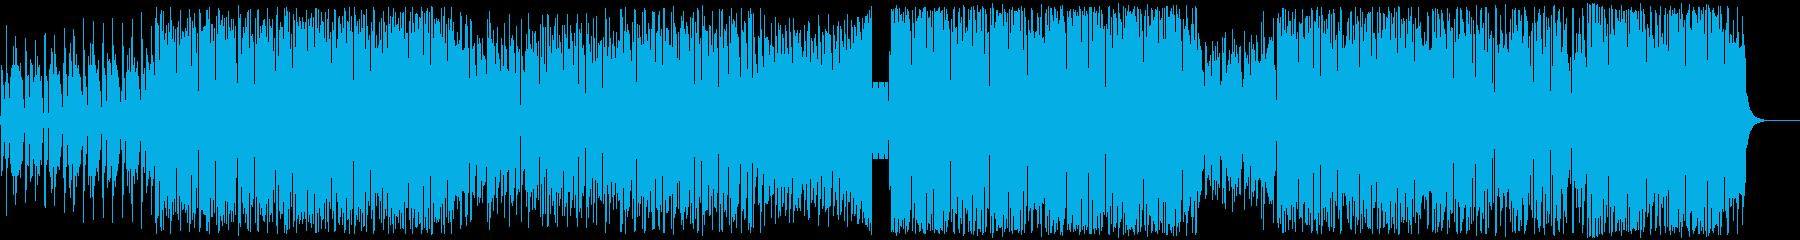 ファンク ブレイクビーツ レトロ ...の再生済みの波形